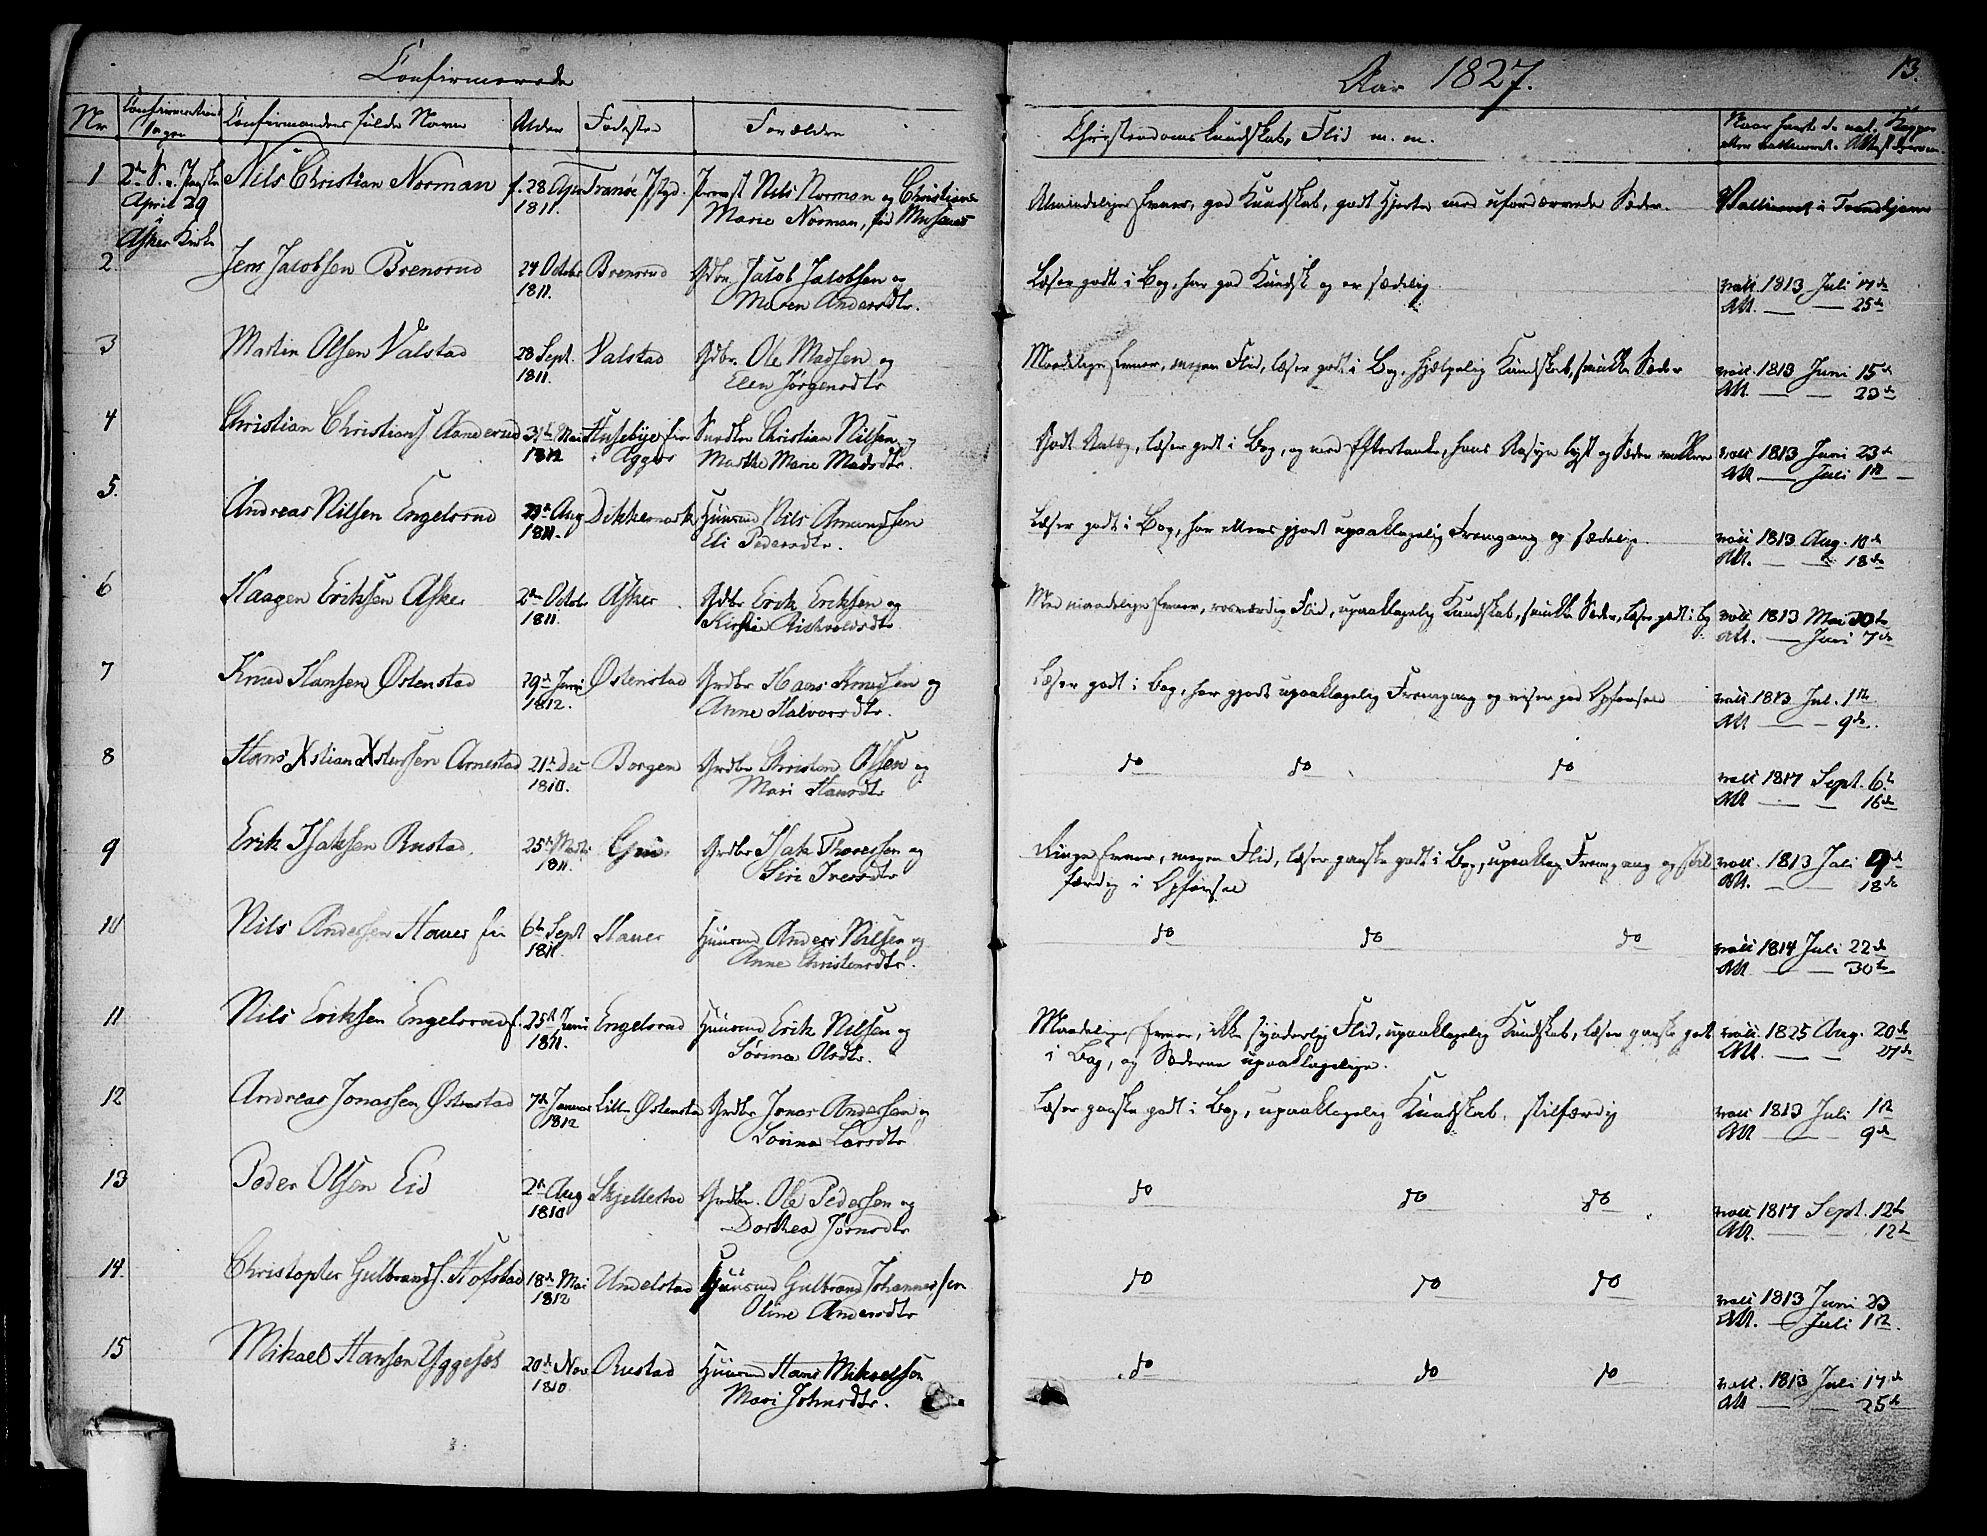 SAO, Asker prestekontor Kirkebøker, F/Fa/L0009: Ministerialbok nr. I 9, 1825-1878, s. 13